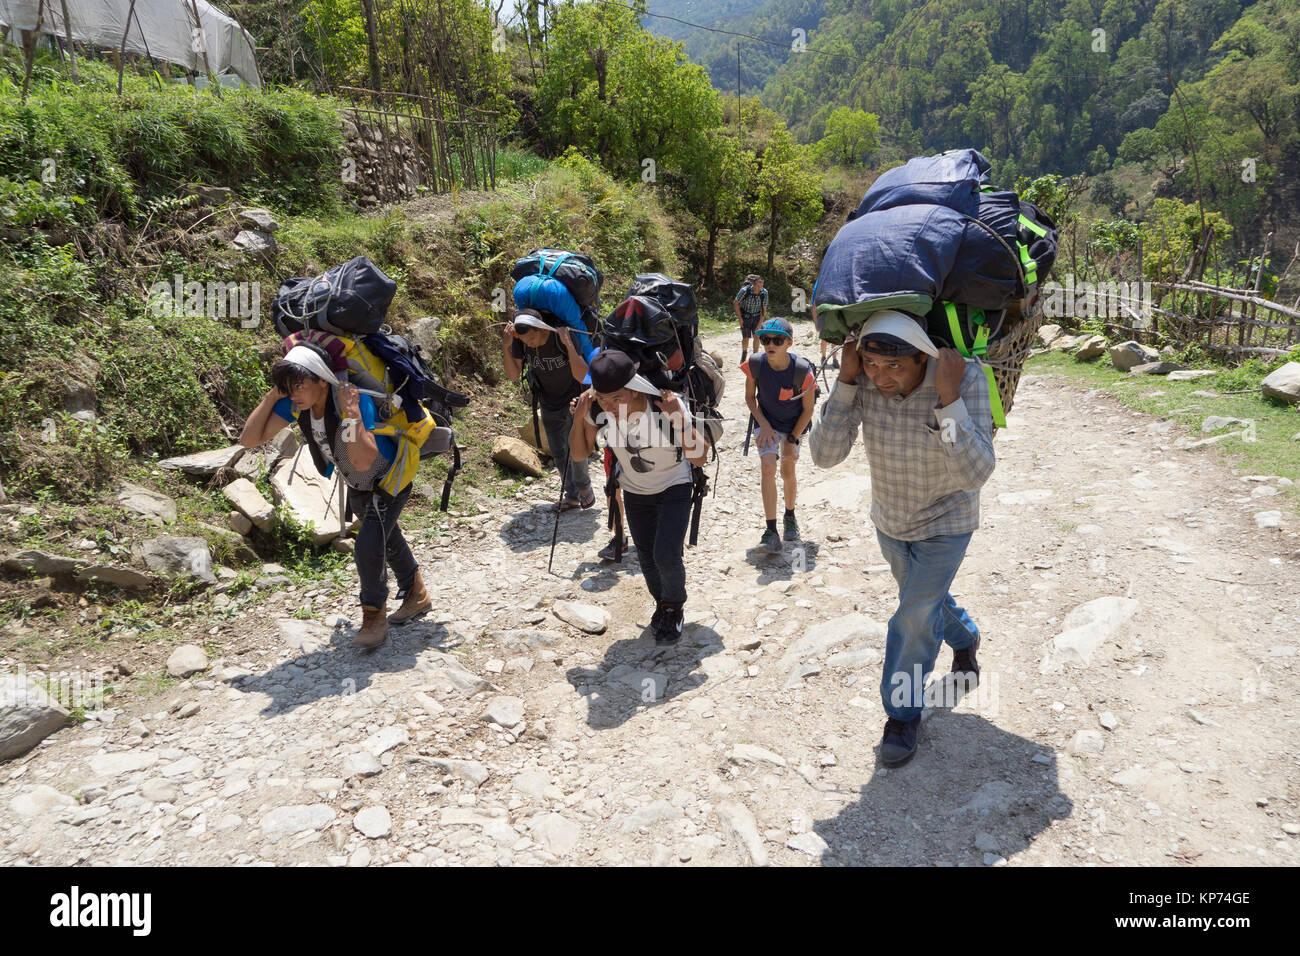 Cargadores de Nepal trekker bolsas de transporte cuesta arriba en el santuario de Annapurna trek. Imagen De Stock